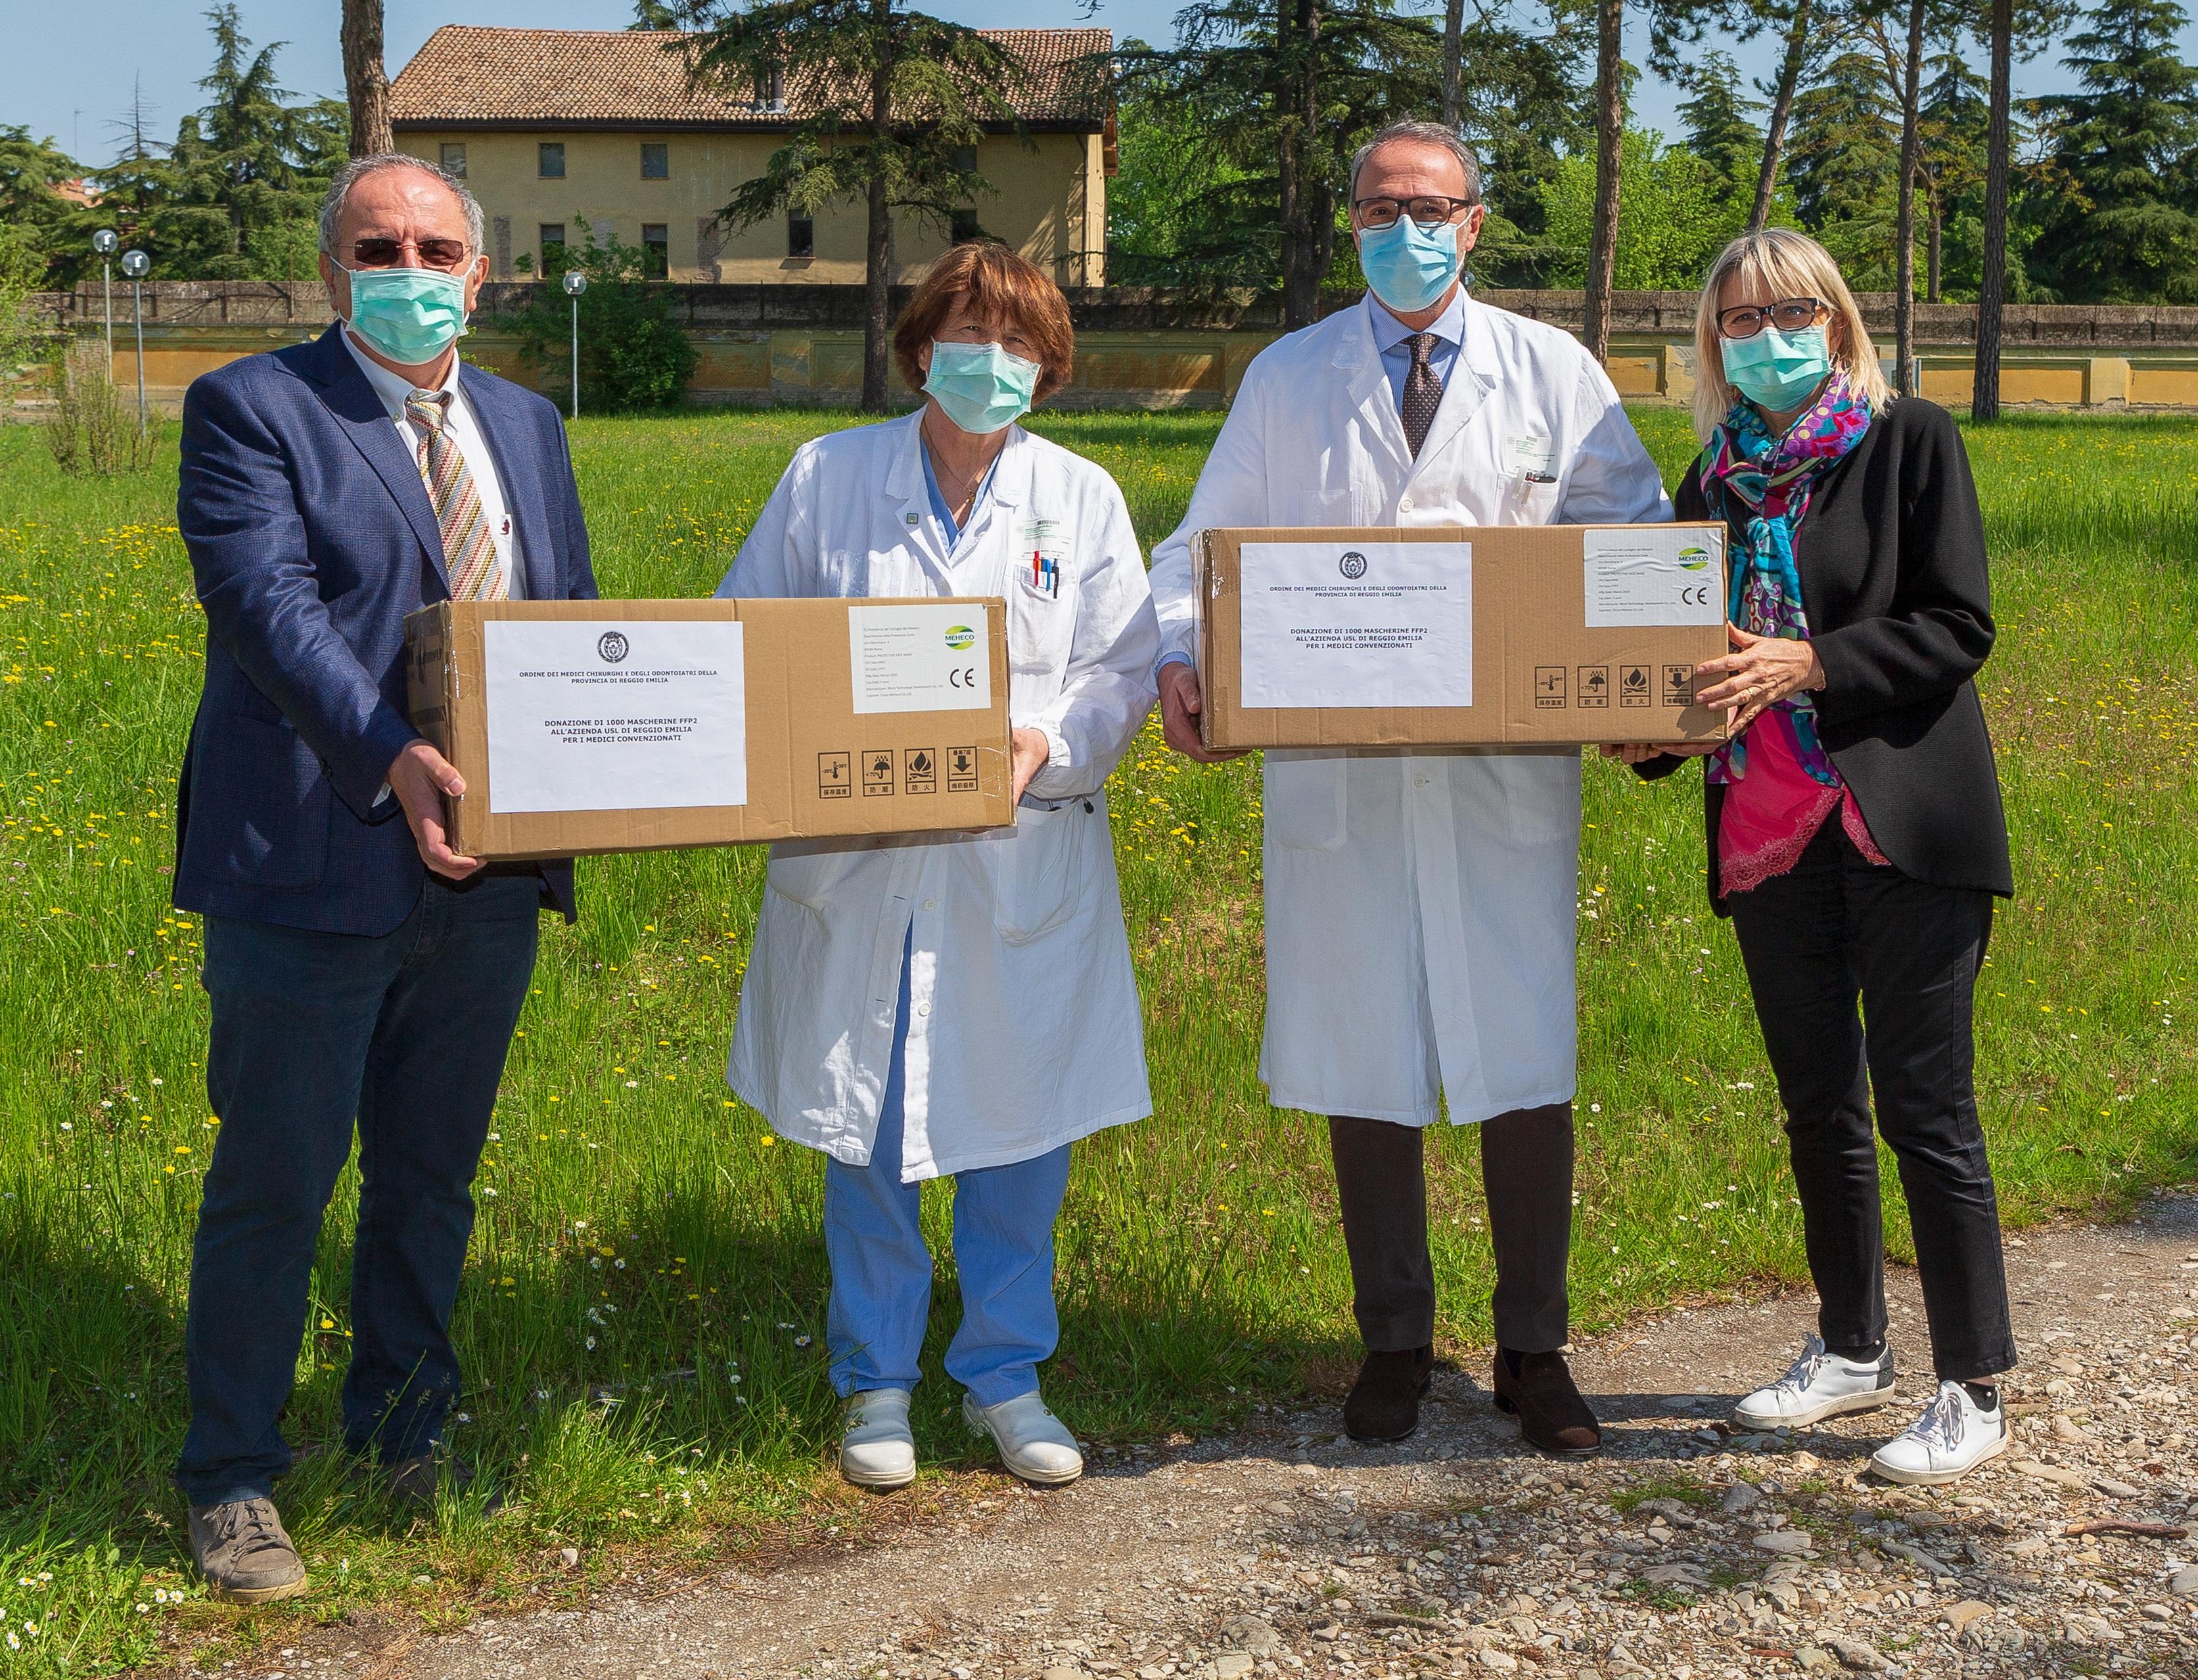 COVID-19. La solidarietà dell'Ordine dei Medici Chirurghi e degli Odontoiatri di Reggio Emilia: donazione all'Azienda USL di R.E. –  IRCCS